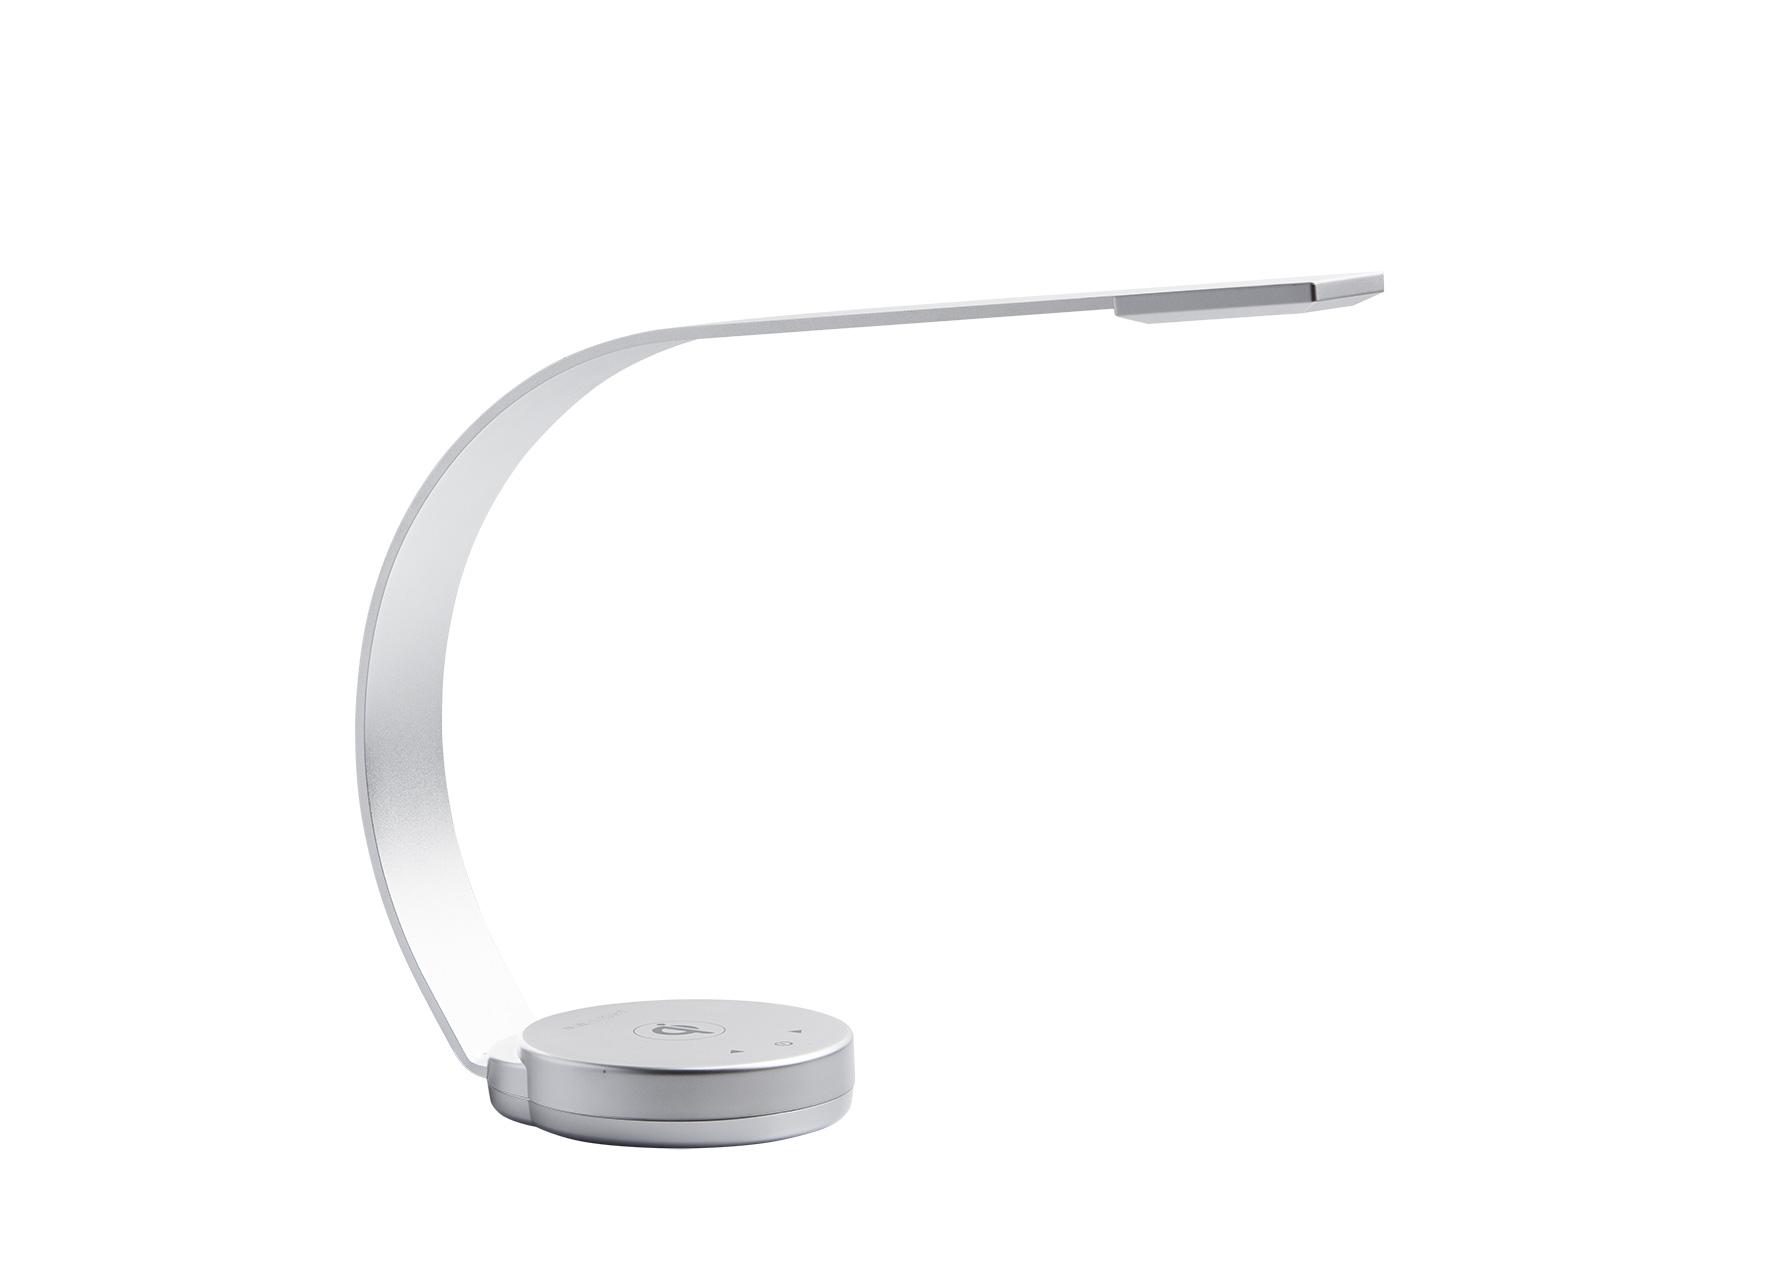 Настольная лампа РакурсНастольные лампы<br>&amp;lt;div&amp;gt;Настольная лампа из коллекции «Ракурс» - идеальное решение для деловых&amp;amp;nbsp;&amp;lt;span style=&amp;quot;line-height: 1.78571;&amp;quot;&amp;gt;персон, идущих в ногу со временем. Стильный современный дизайн подчеркнет&amp;amp;nbsp;&amp;lt;/span&amp;gt;&amp;lt;span style=&amp;quot;line-height: 1.78571;&amp;quot;&amp;gt;хороший вкус, а минимум деталей не будут отвлекать во время работы. Лампа&amp;amp;nbsp;&amp;lt;/span&amp;gt;&amp;lt;span style=&amp;quot;line-height: 1.78571;&amp;quot;&amp;gt;выполнена в 2-х трендовых цветах: белый и черный. Помимо удачных внешних&amp;amp;nbsp;&amp;lt;/span&amp;gt;&amp;lt;span style=&amp;quot;line-height: 1.78571;&amp;quot;&amp;gt;параметров, лампа оснащена системой touch control и диммером, что позволяет&amp;amp;nbsp;&amp;lt;/span&amp;gt;&amp;lt;span style=&amp;quot;line-height: 1.78571;&amp;quot;&amp;gt;включать лампу и менять яркость светового потока легким движением руки. Так&amp;amp;nbsp;&amp;lt;/span&amp;gt;&amp;lt;span style=&amp;quot;line-height: 1.78571;&amp;quot;&amp;gt;же у данной лампы есть USB-порт и возможно заряжать телефон, положив его на&amp;amp;nbsp;&amp;lt;/span&amp;gt;&amp;lt;span style=&amp;quot;line-height: 1.78571;&amp;quot;&amp;gt;основание лампы.&amp;lt;/span&amp;gt;&amp;lt;/div&amp;gt;&amp;lt;div&amp;gt;&amp;lt;br&amp;gt;&amp;lt;/div&amp;gt;&amp;lt;div&amp;gt;Рекомендуемая площадь освещения порядка 4 кв.м.&amp;lt;/div&amp;gt;&amp;lt;div&amp;gt;Мощность/кол-во ламп 1*8.5W COB 220 V IP20&amp;lt;/div&amp;gt;&amp;lt;div&amp;gt;Сила светового потока: 816 Лм (Люмен)&amp;lt;/div&amp;gt;&amp;lt;div&amp;gt;Габариты, см: Длина -42, Ширина – 13,&amp;lt;/div&amp;gt;&amp;lt;div&amp;gt;Диаметр -42.&amp;lt;/div&amp;gt;&amp;lt;div&amp;gt;Вес: 1,53 кг&amp;lt;/div&amp;gt;&amp;lt;div&amp;gt;Арматура: пластик и алюминий.&amp;lt;/div&amp;gt;<br><br>Material: Пластик<br>Length см: None<br>Width см: 12<br>Height см: 32<br>Diameter см: 42